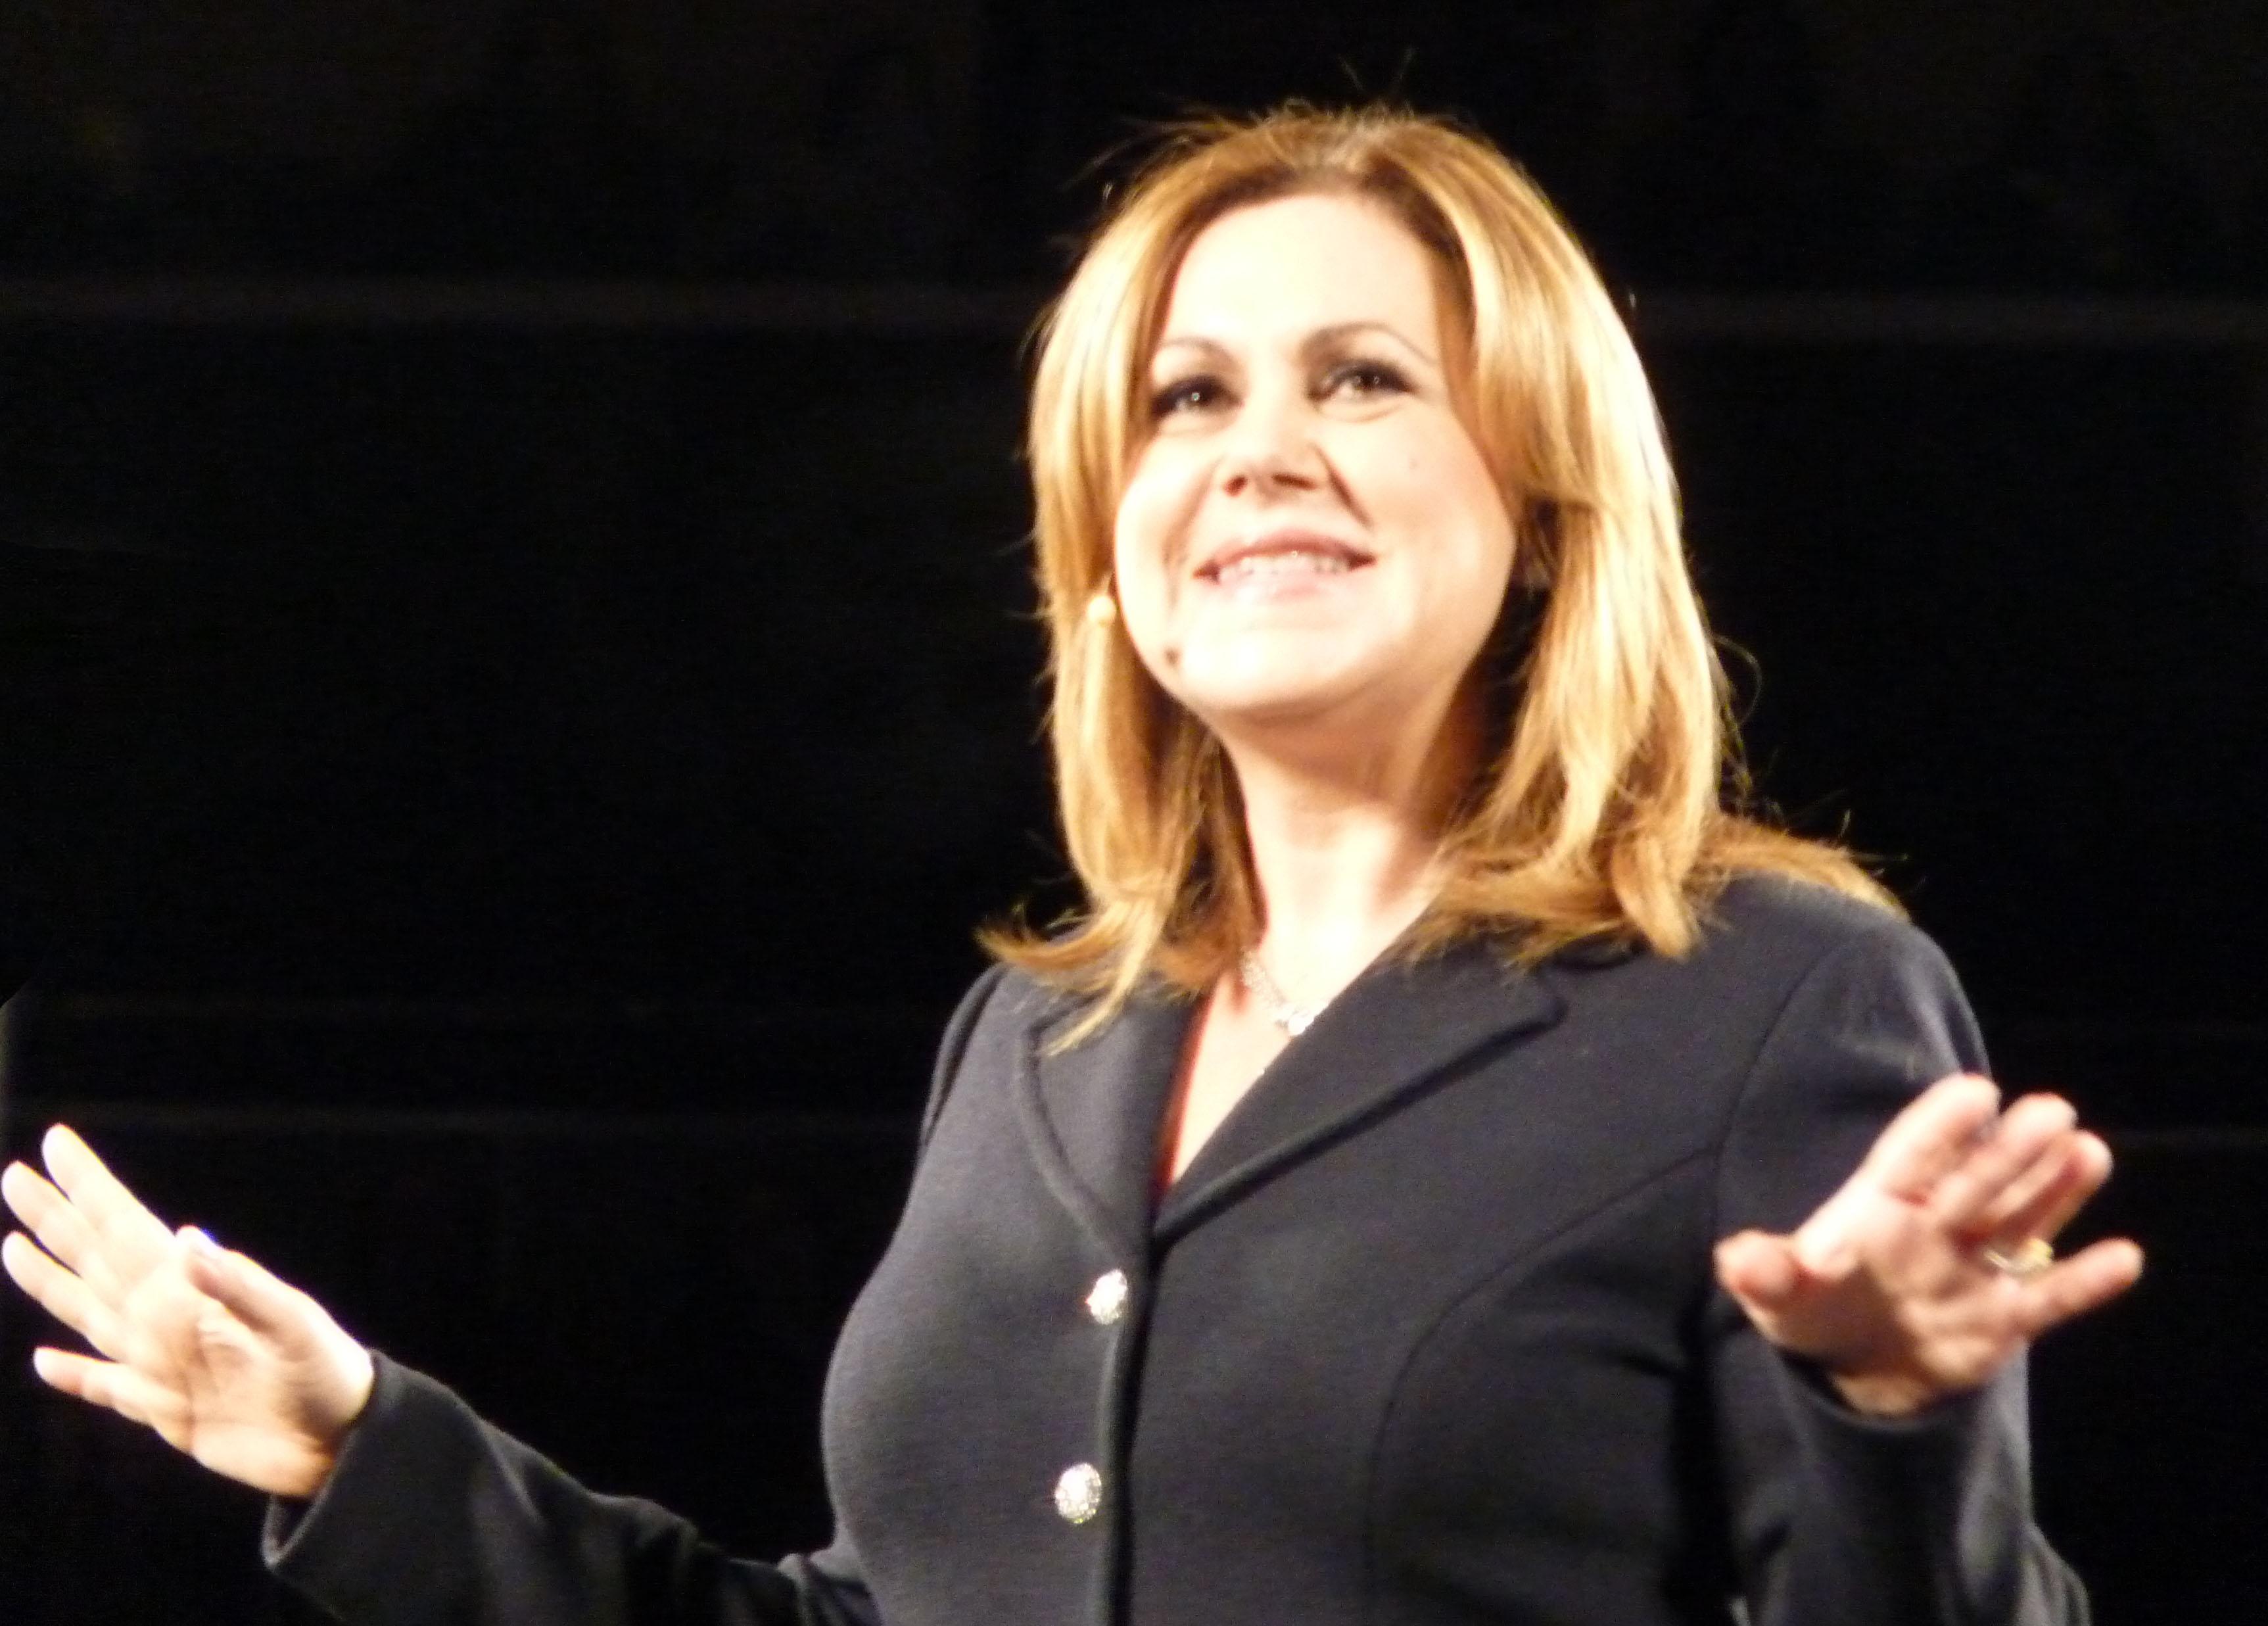 Tamara Lowe